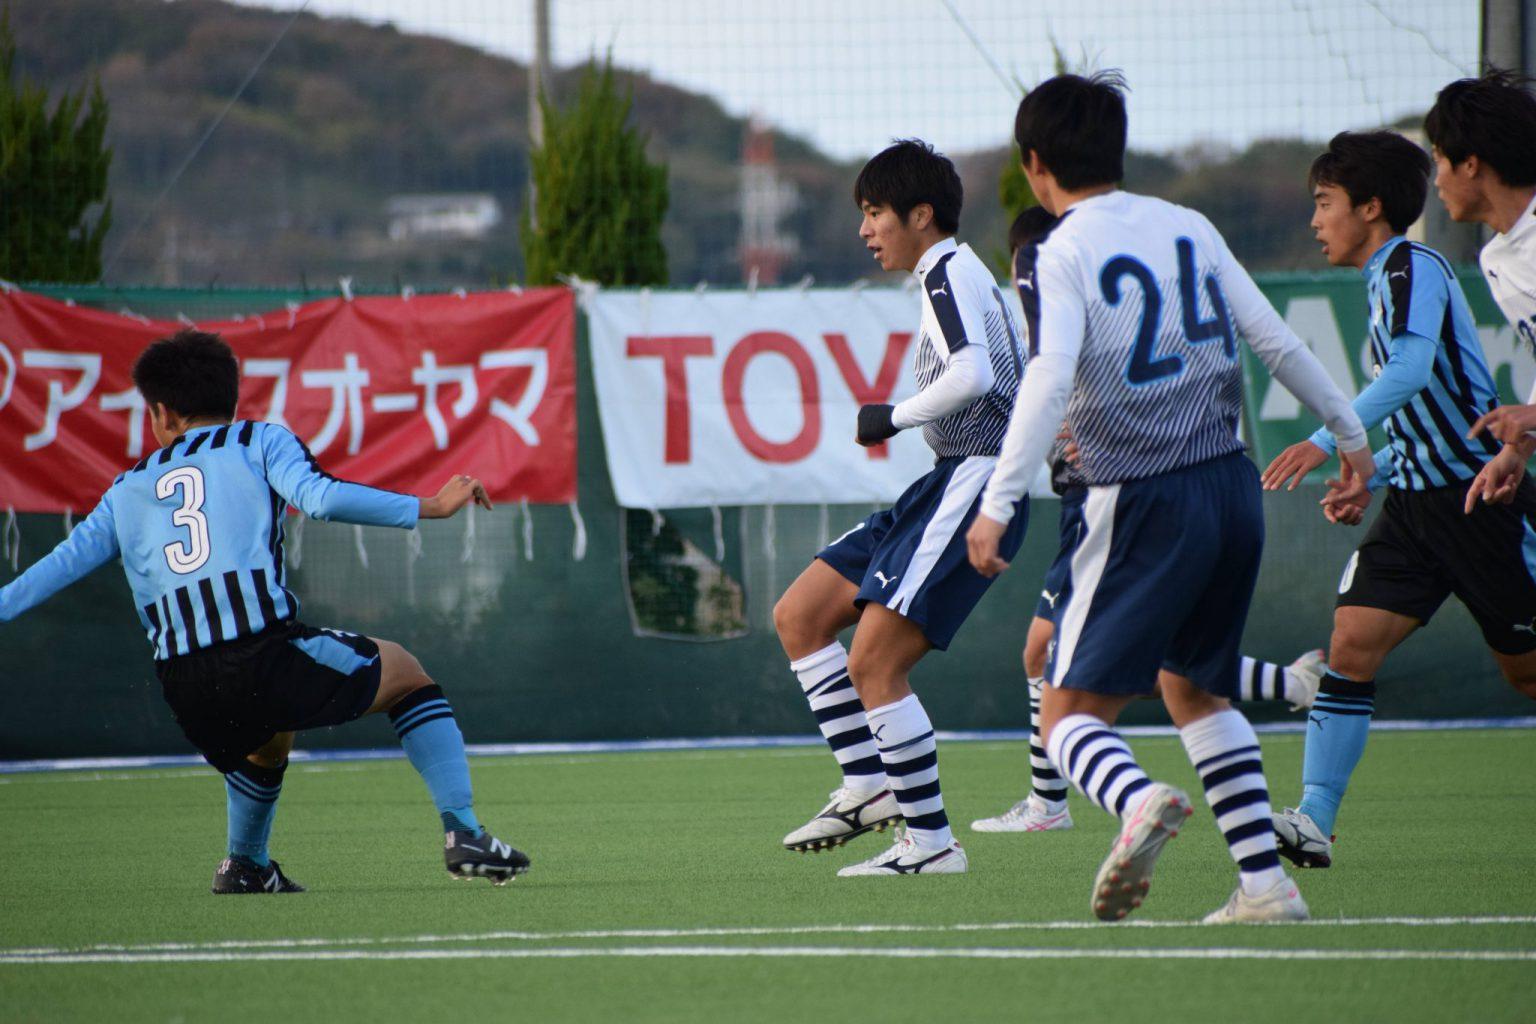 サッカー:SPL中国 11/28・岡山学芸館 試合結果